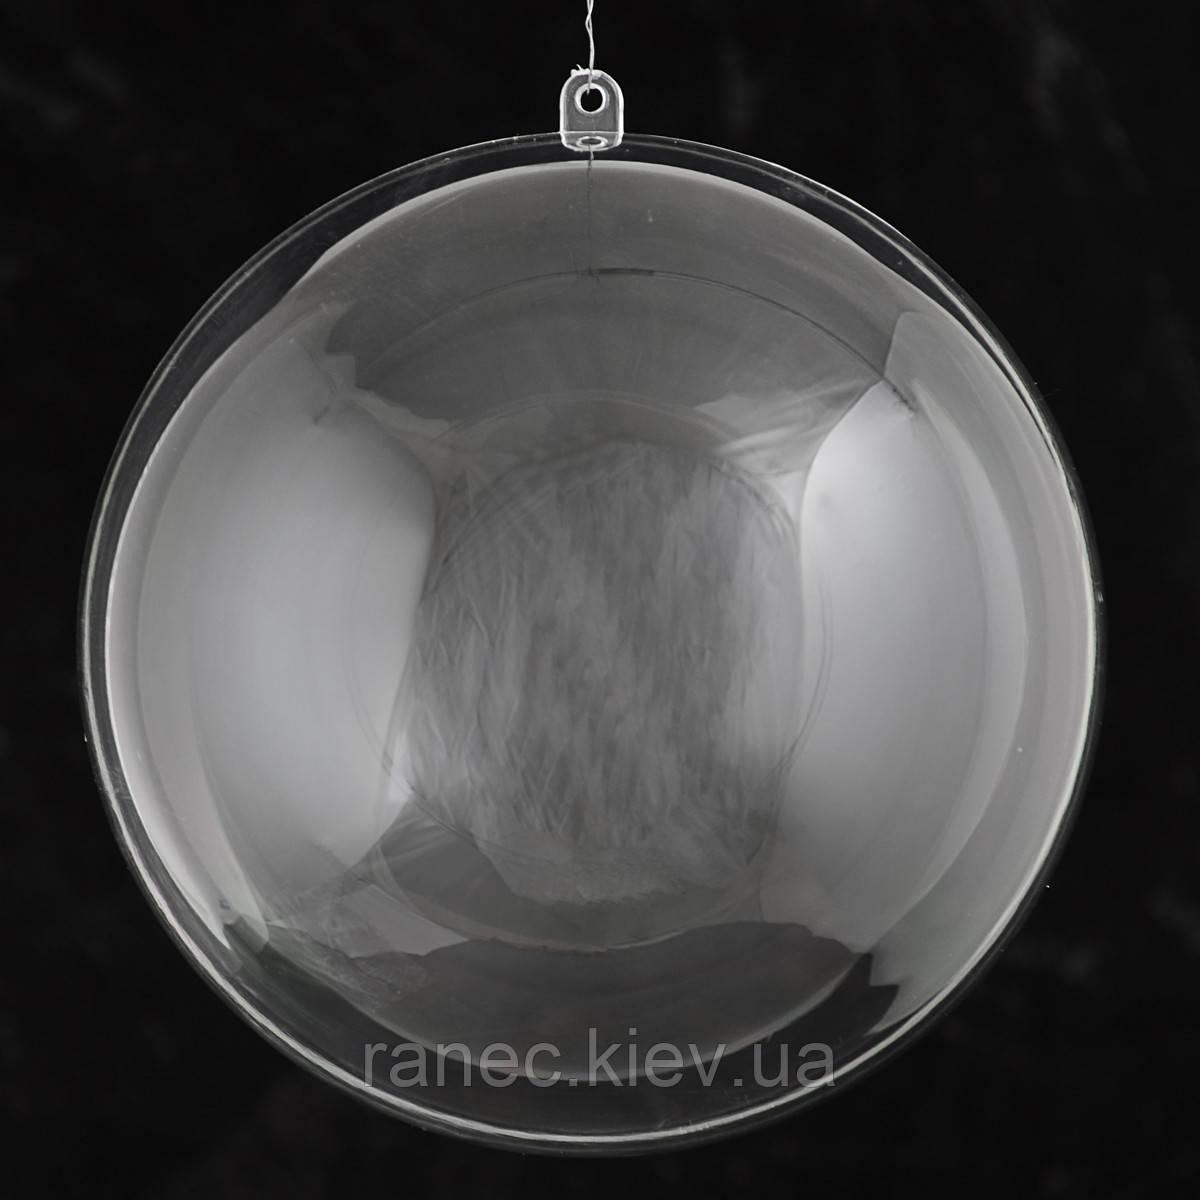 Пластиковый шар 1 шт , 13.6см 741120 Santi